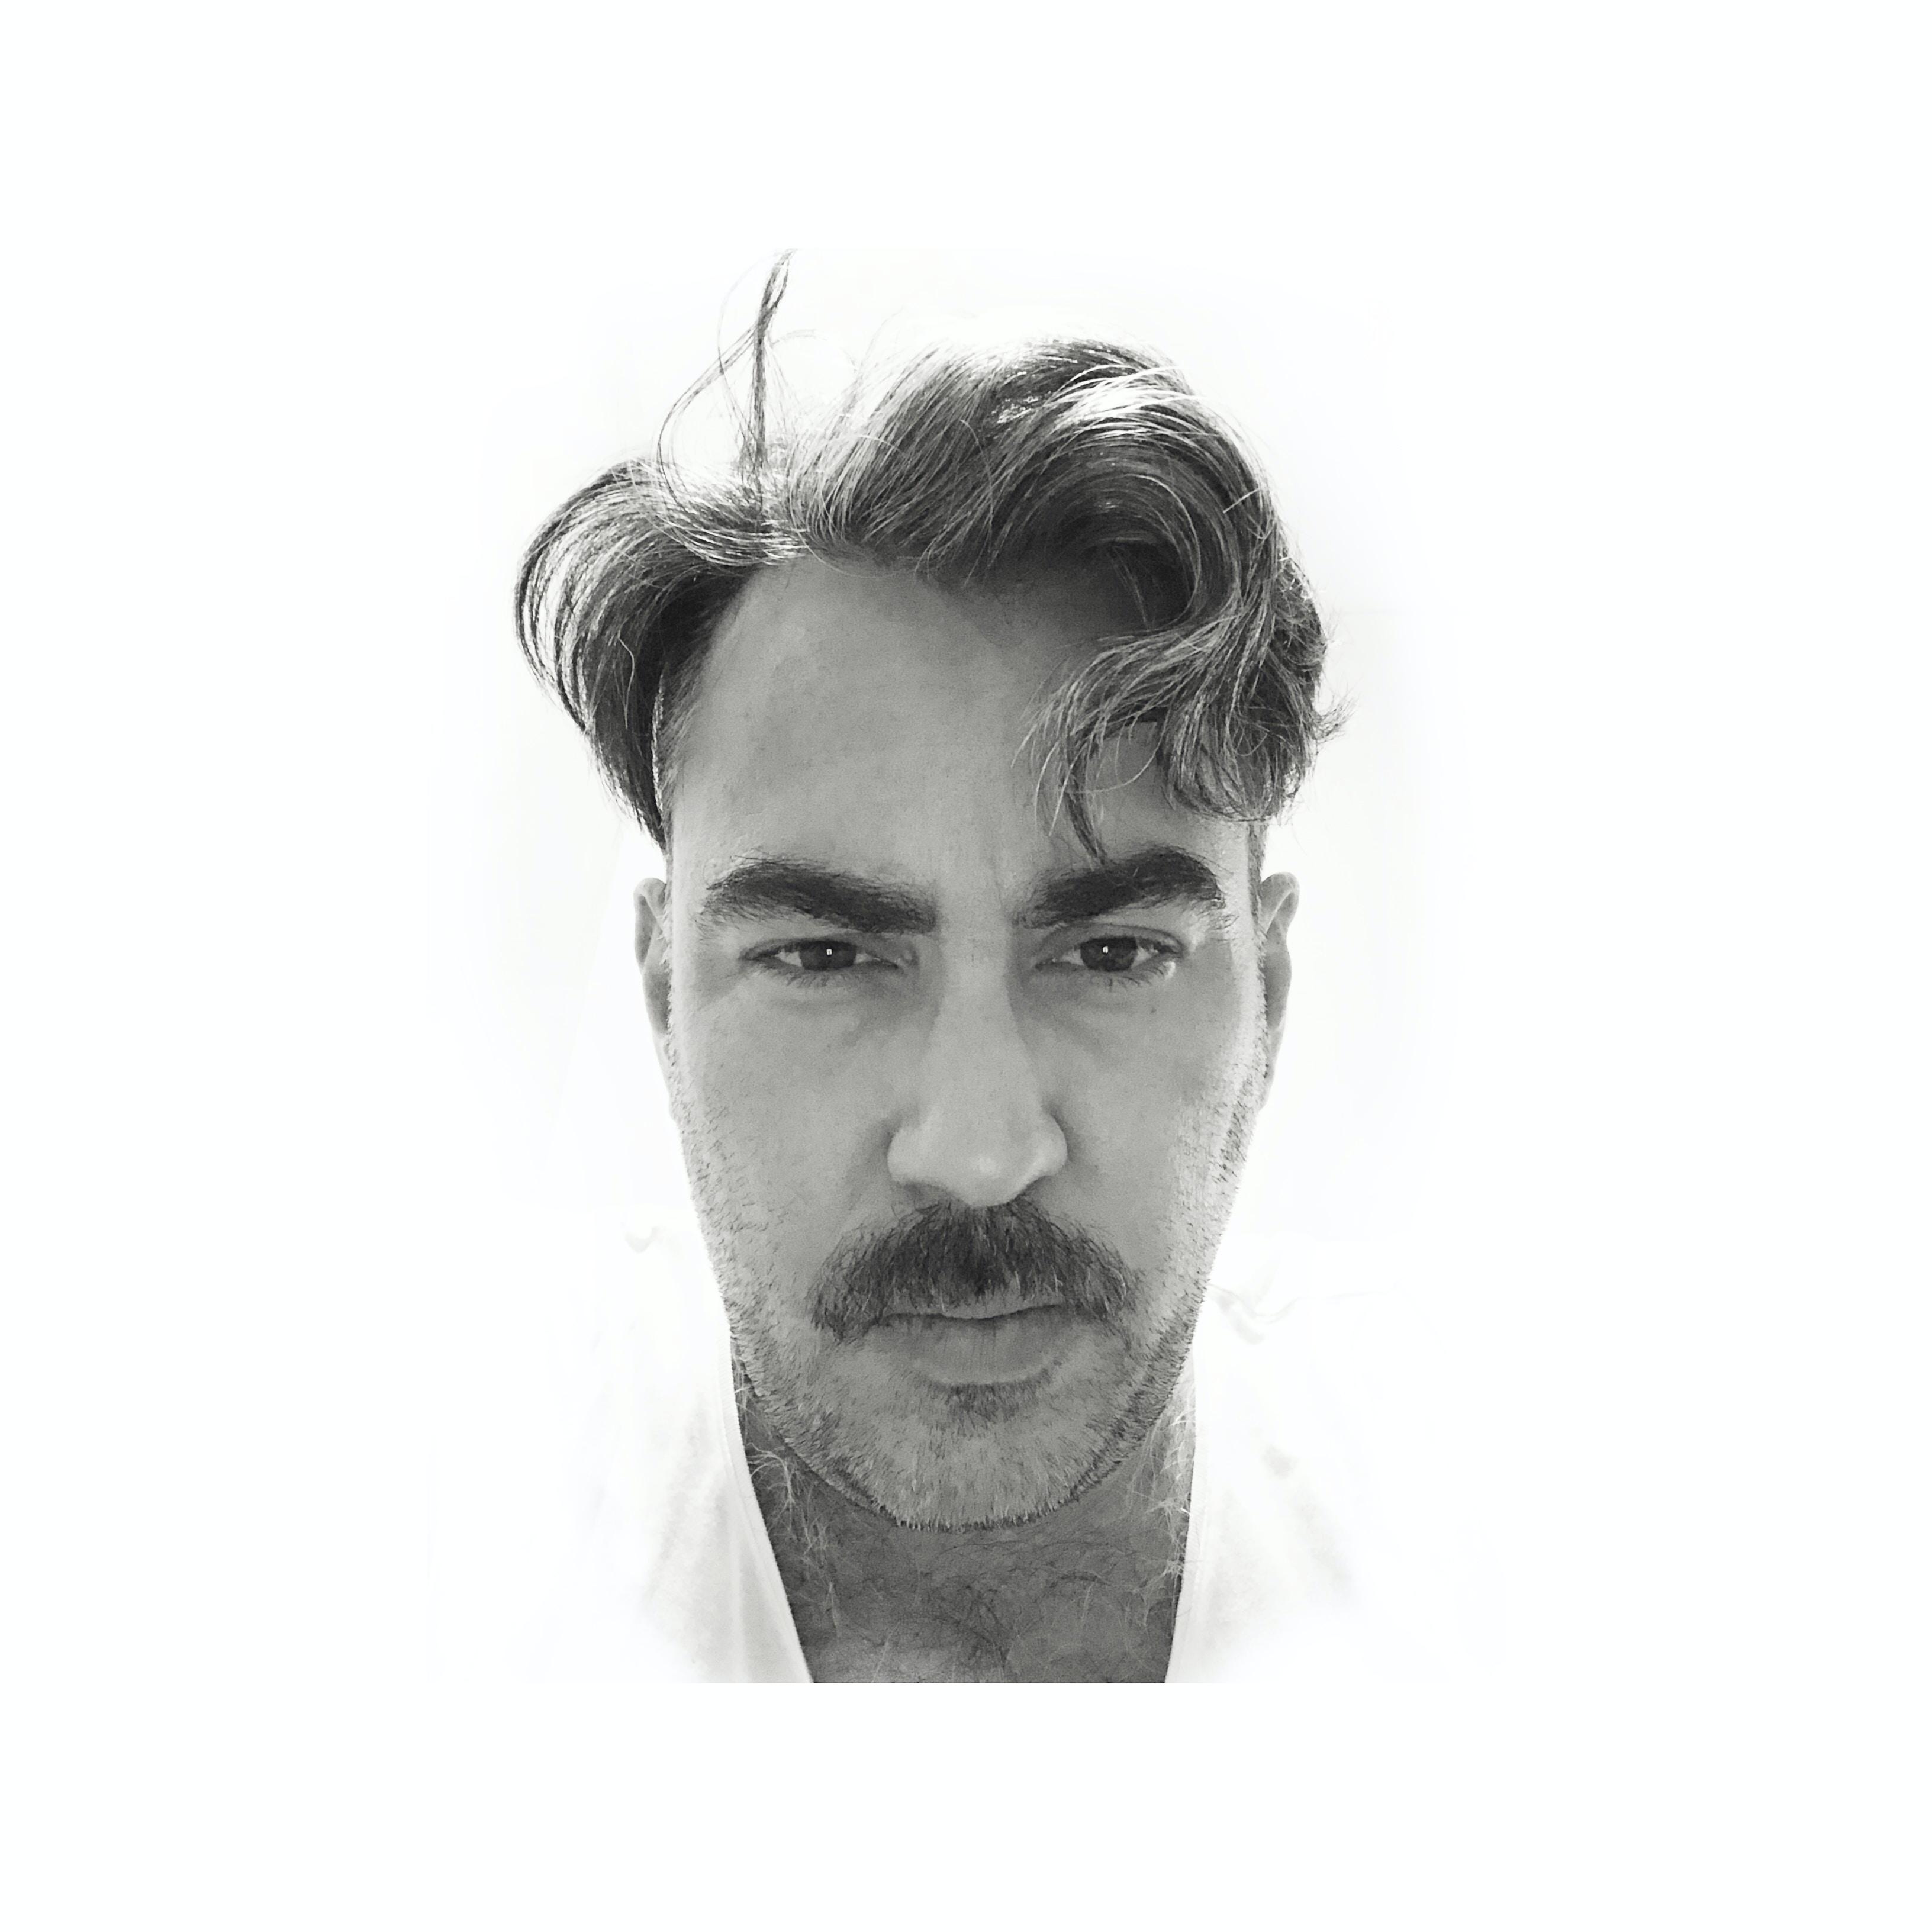 Go to Nihat Sinan Erul's profile